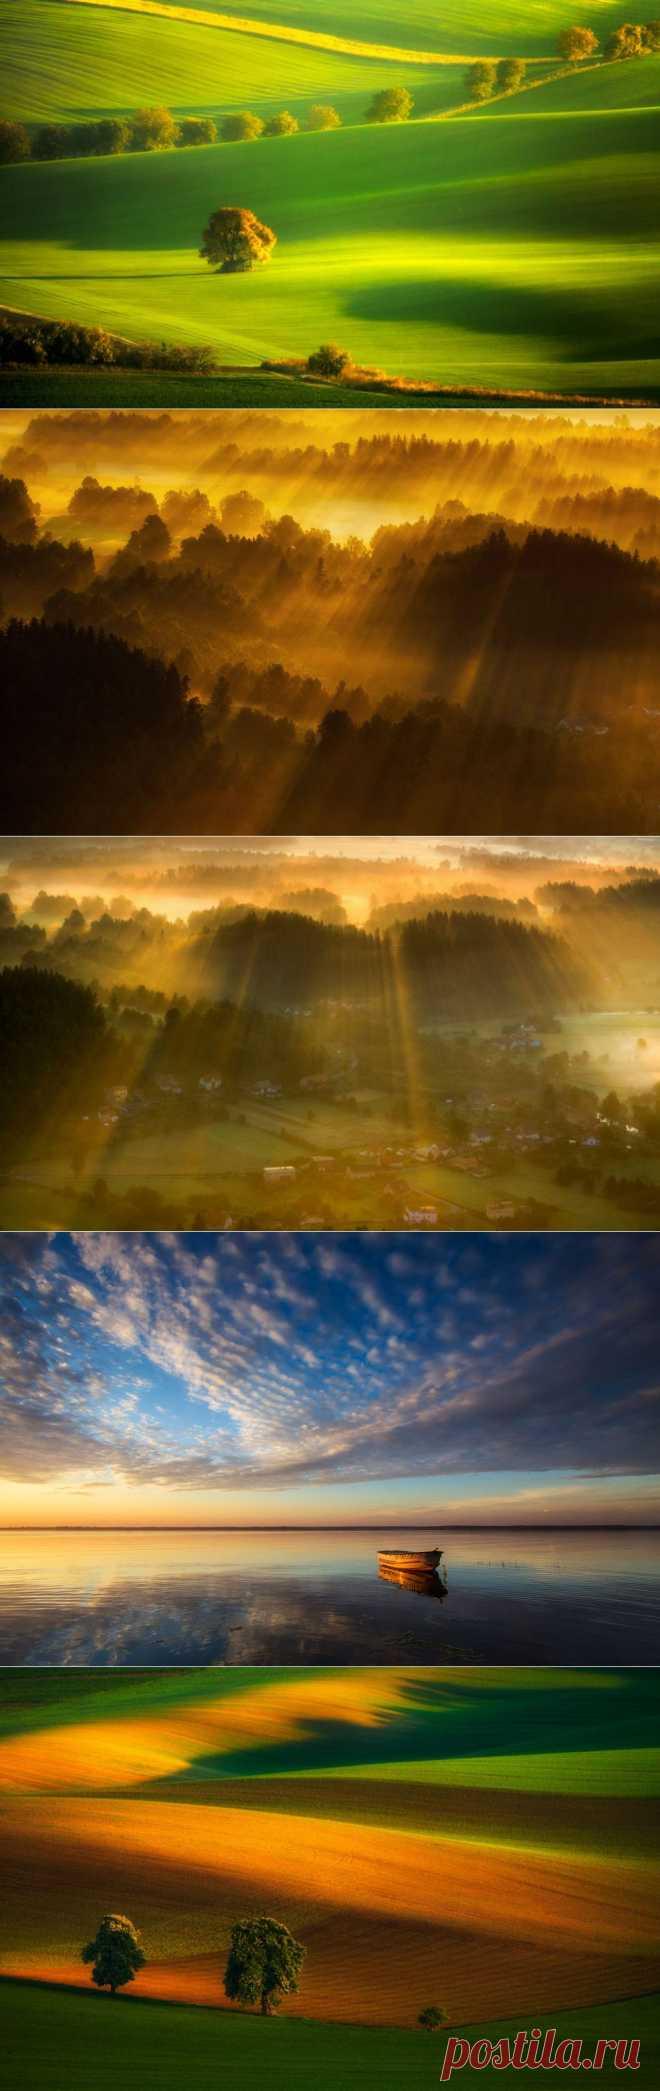 ФотоТелеграф » Потрясающие пейзажи Моравии